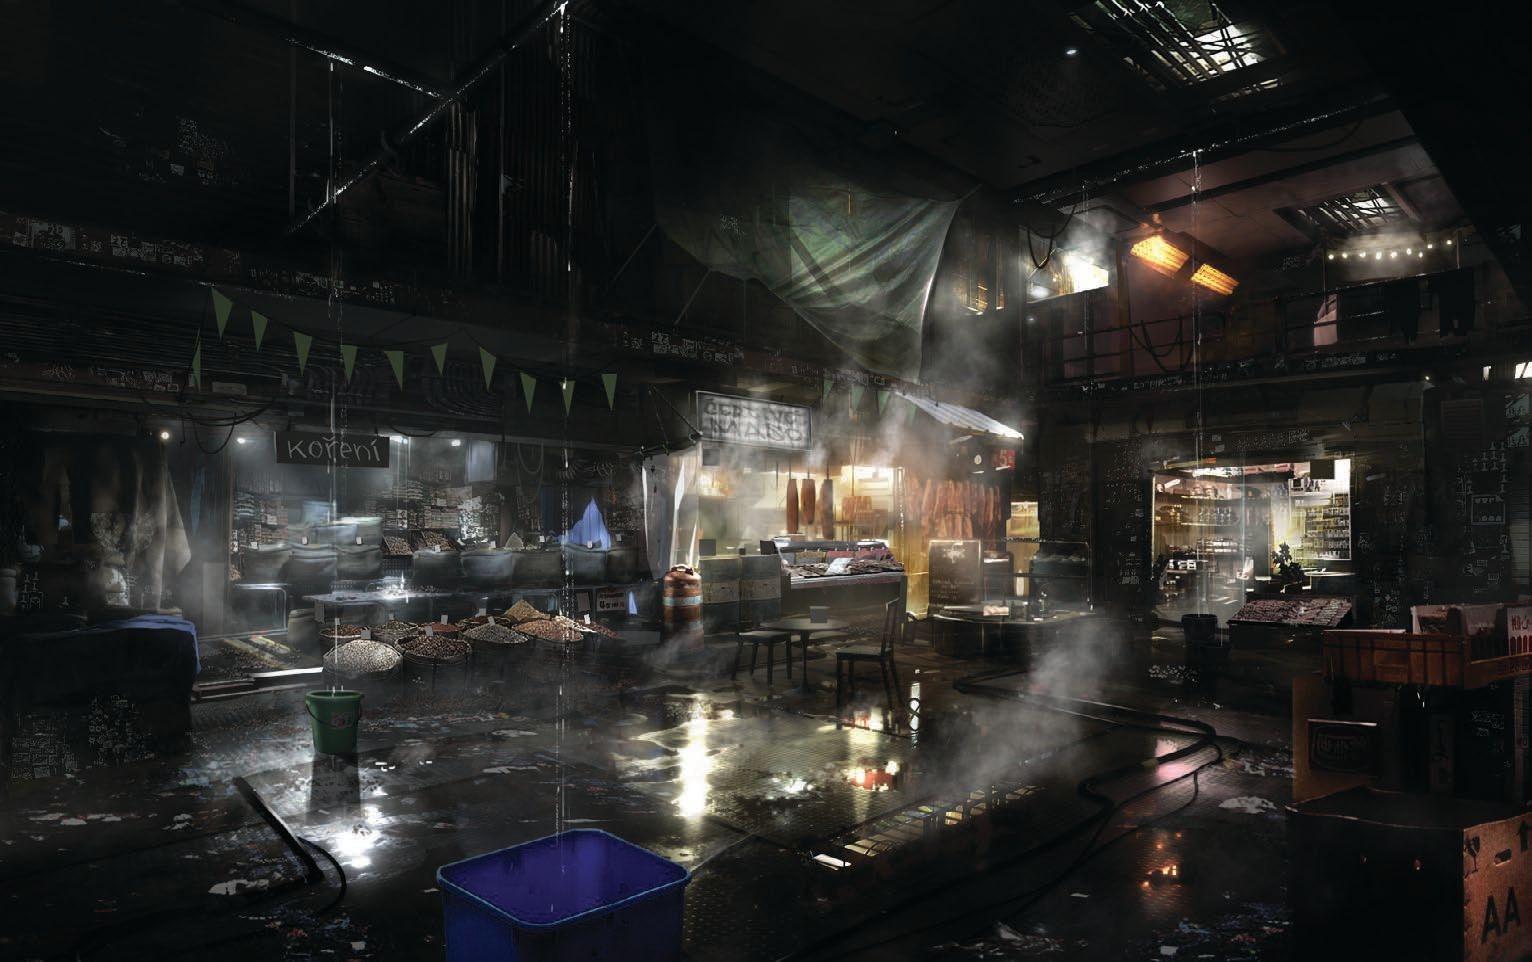 Nový Deus Ex má skutečně co dočinění s Českou republikou 107707